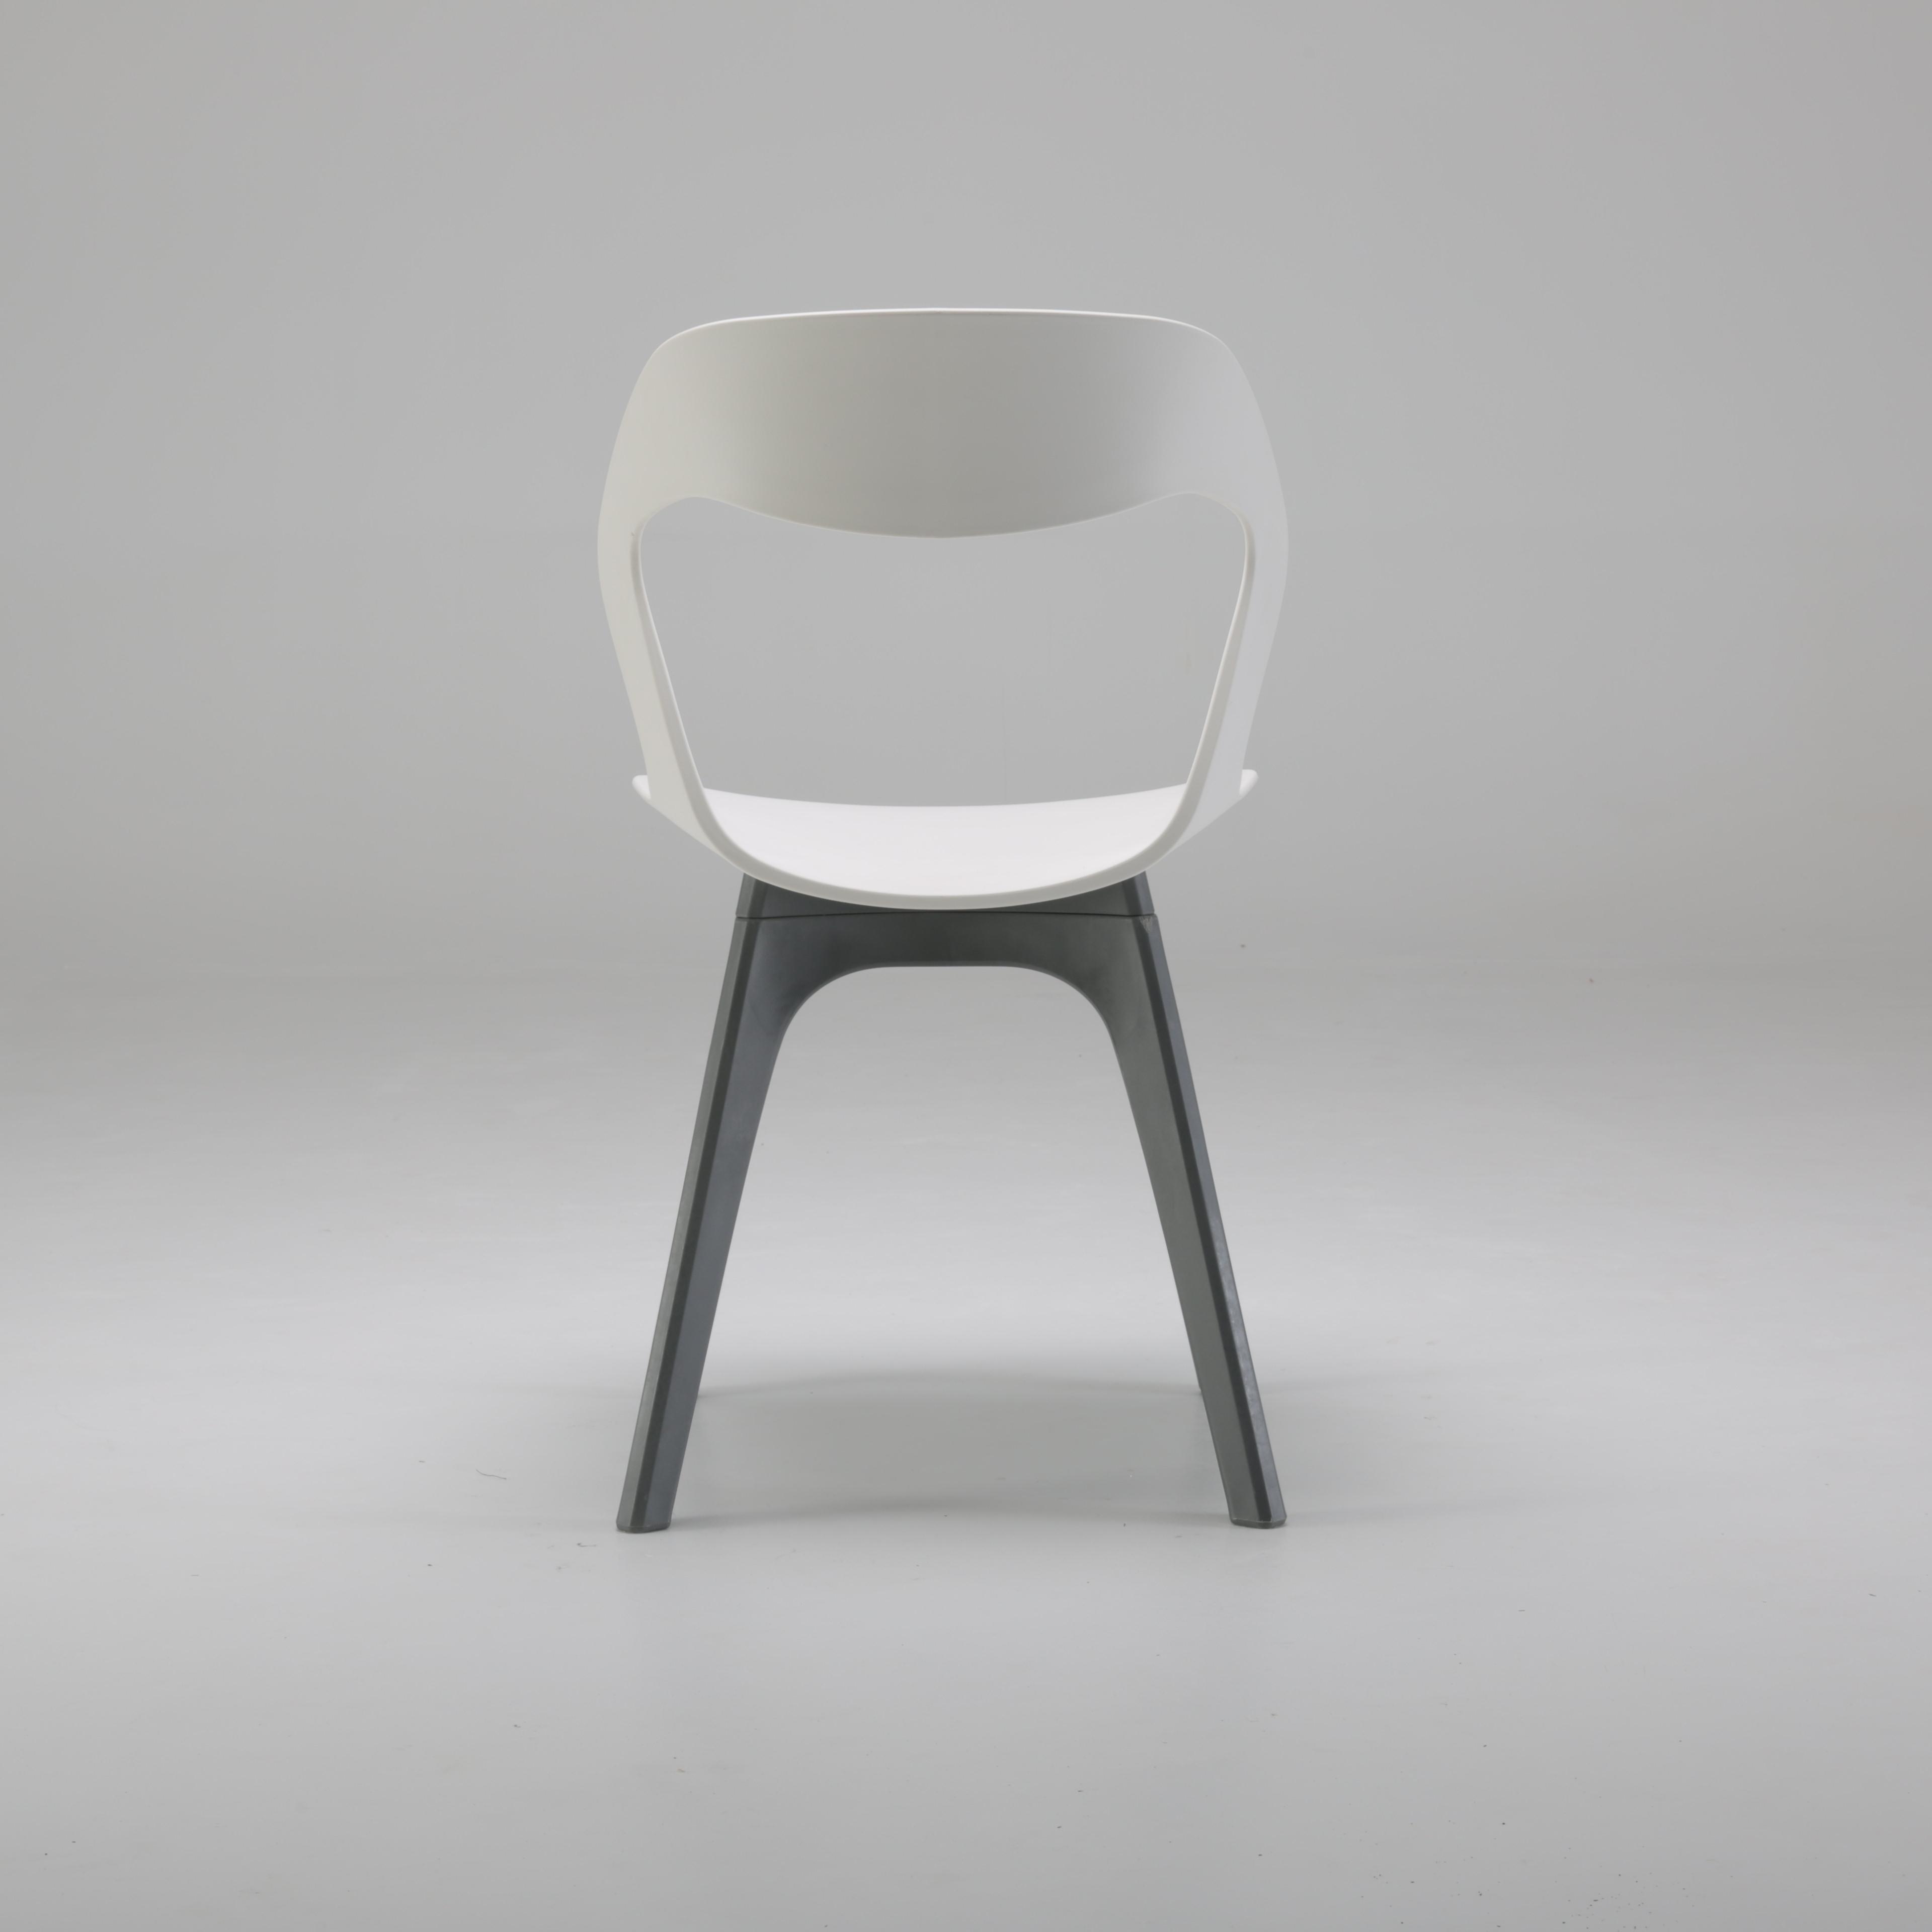 Venta al por mayor sillas recepcion oficina-Compre online los ...